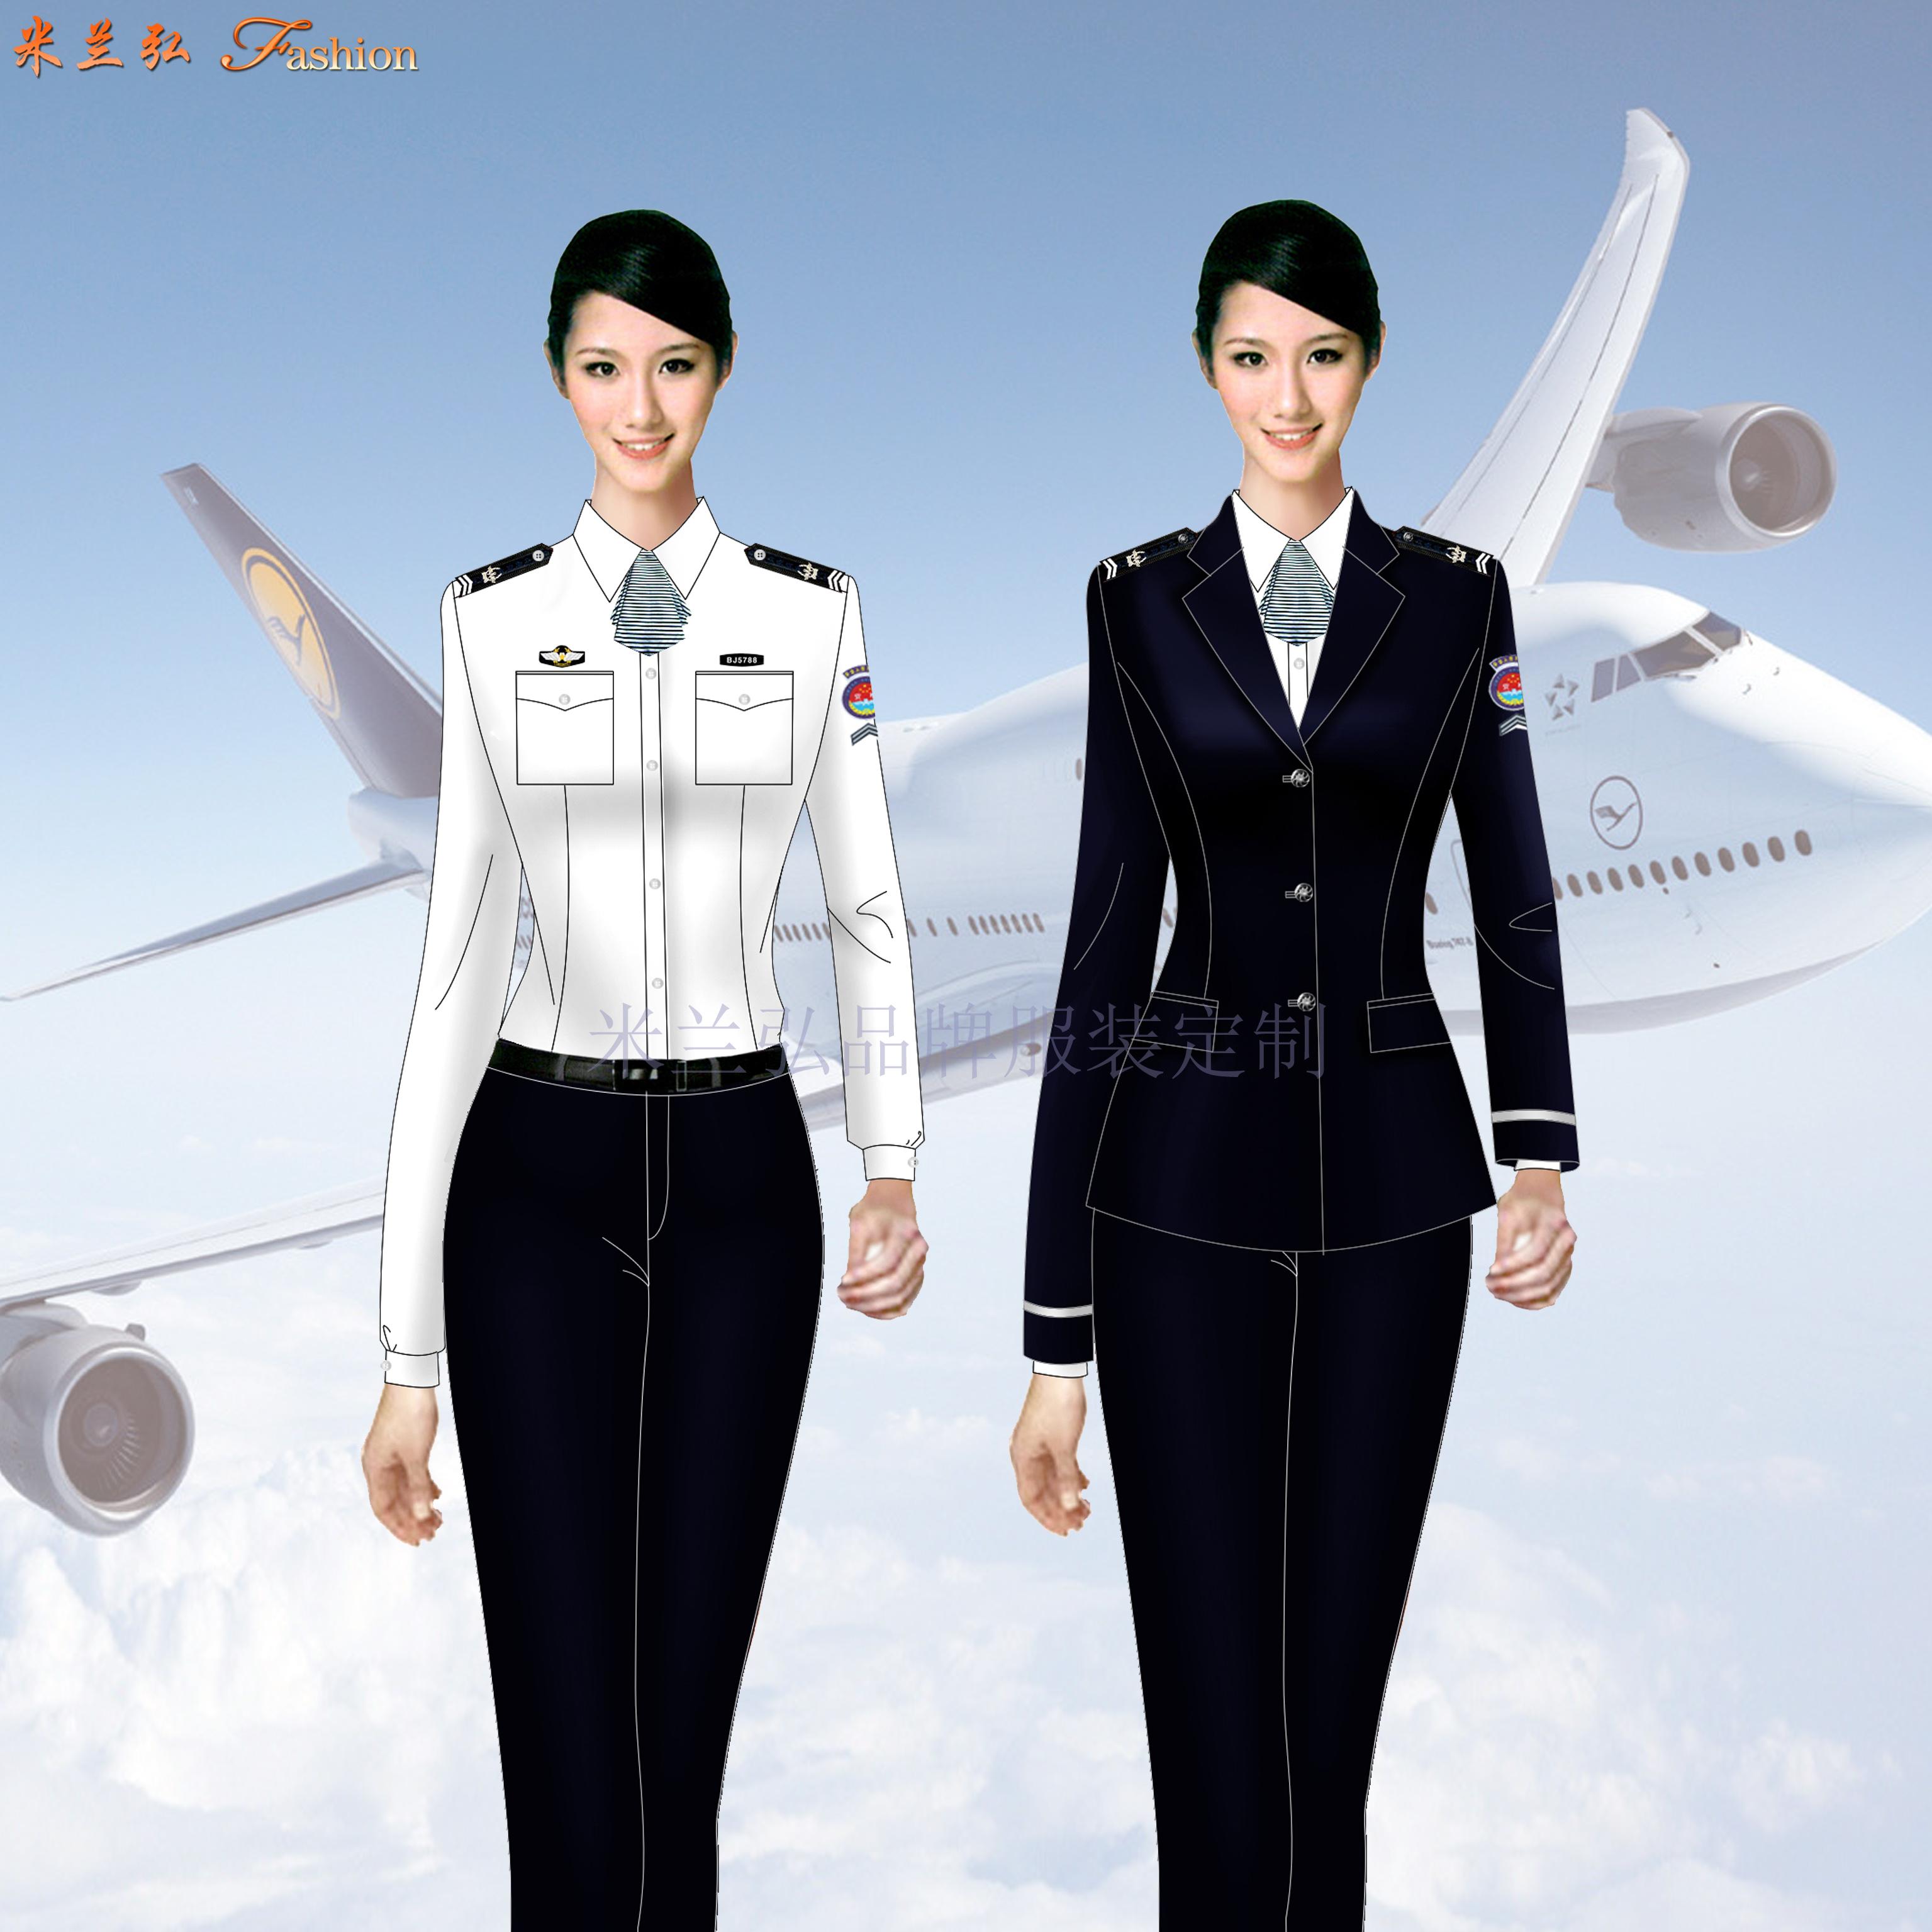 廣州白云國際機場民航安全檢查員工作服定制-米蘭弘服裝廠家-3